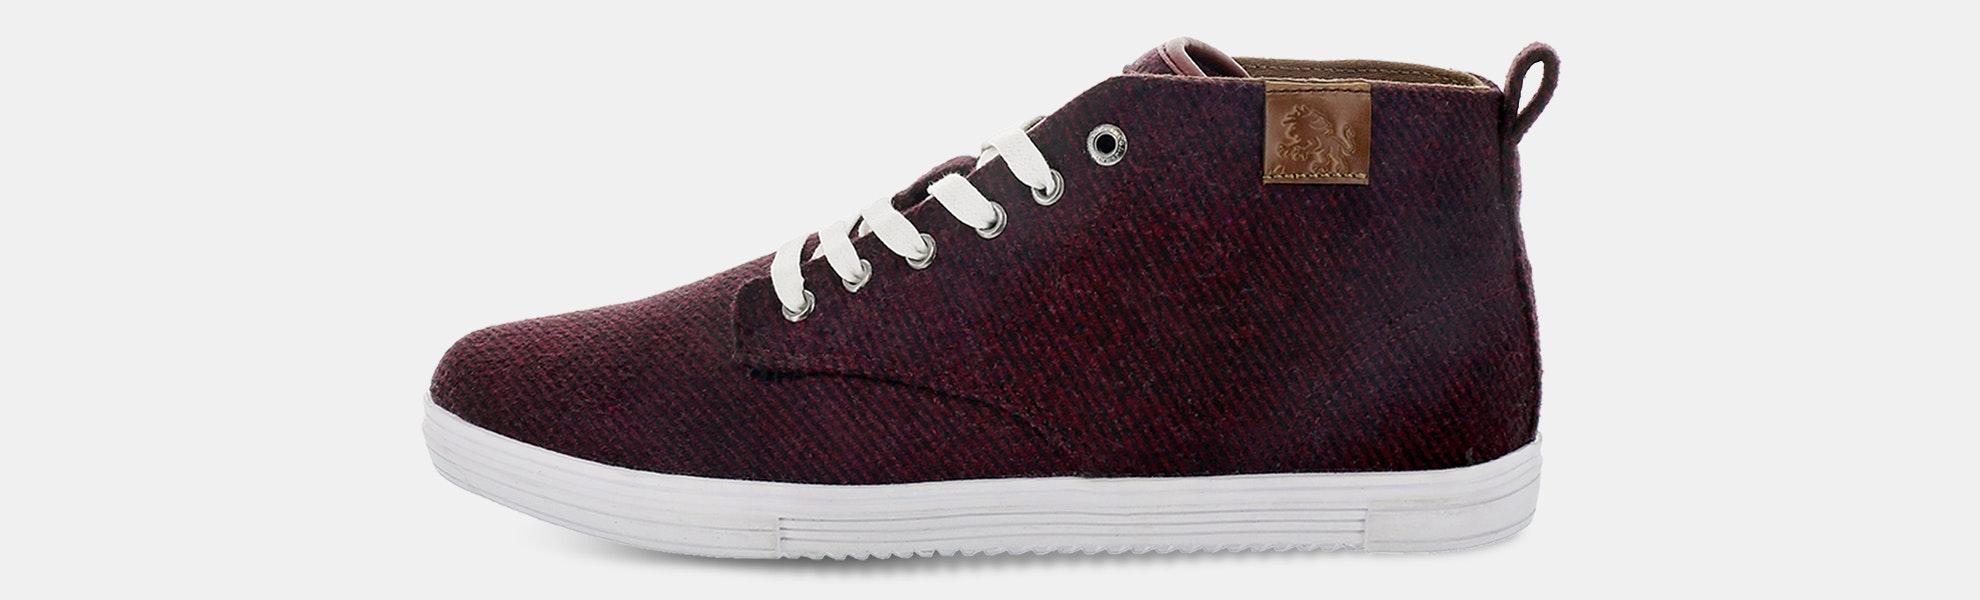 Vlado Leon Shoes